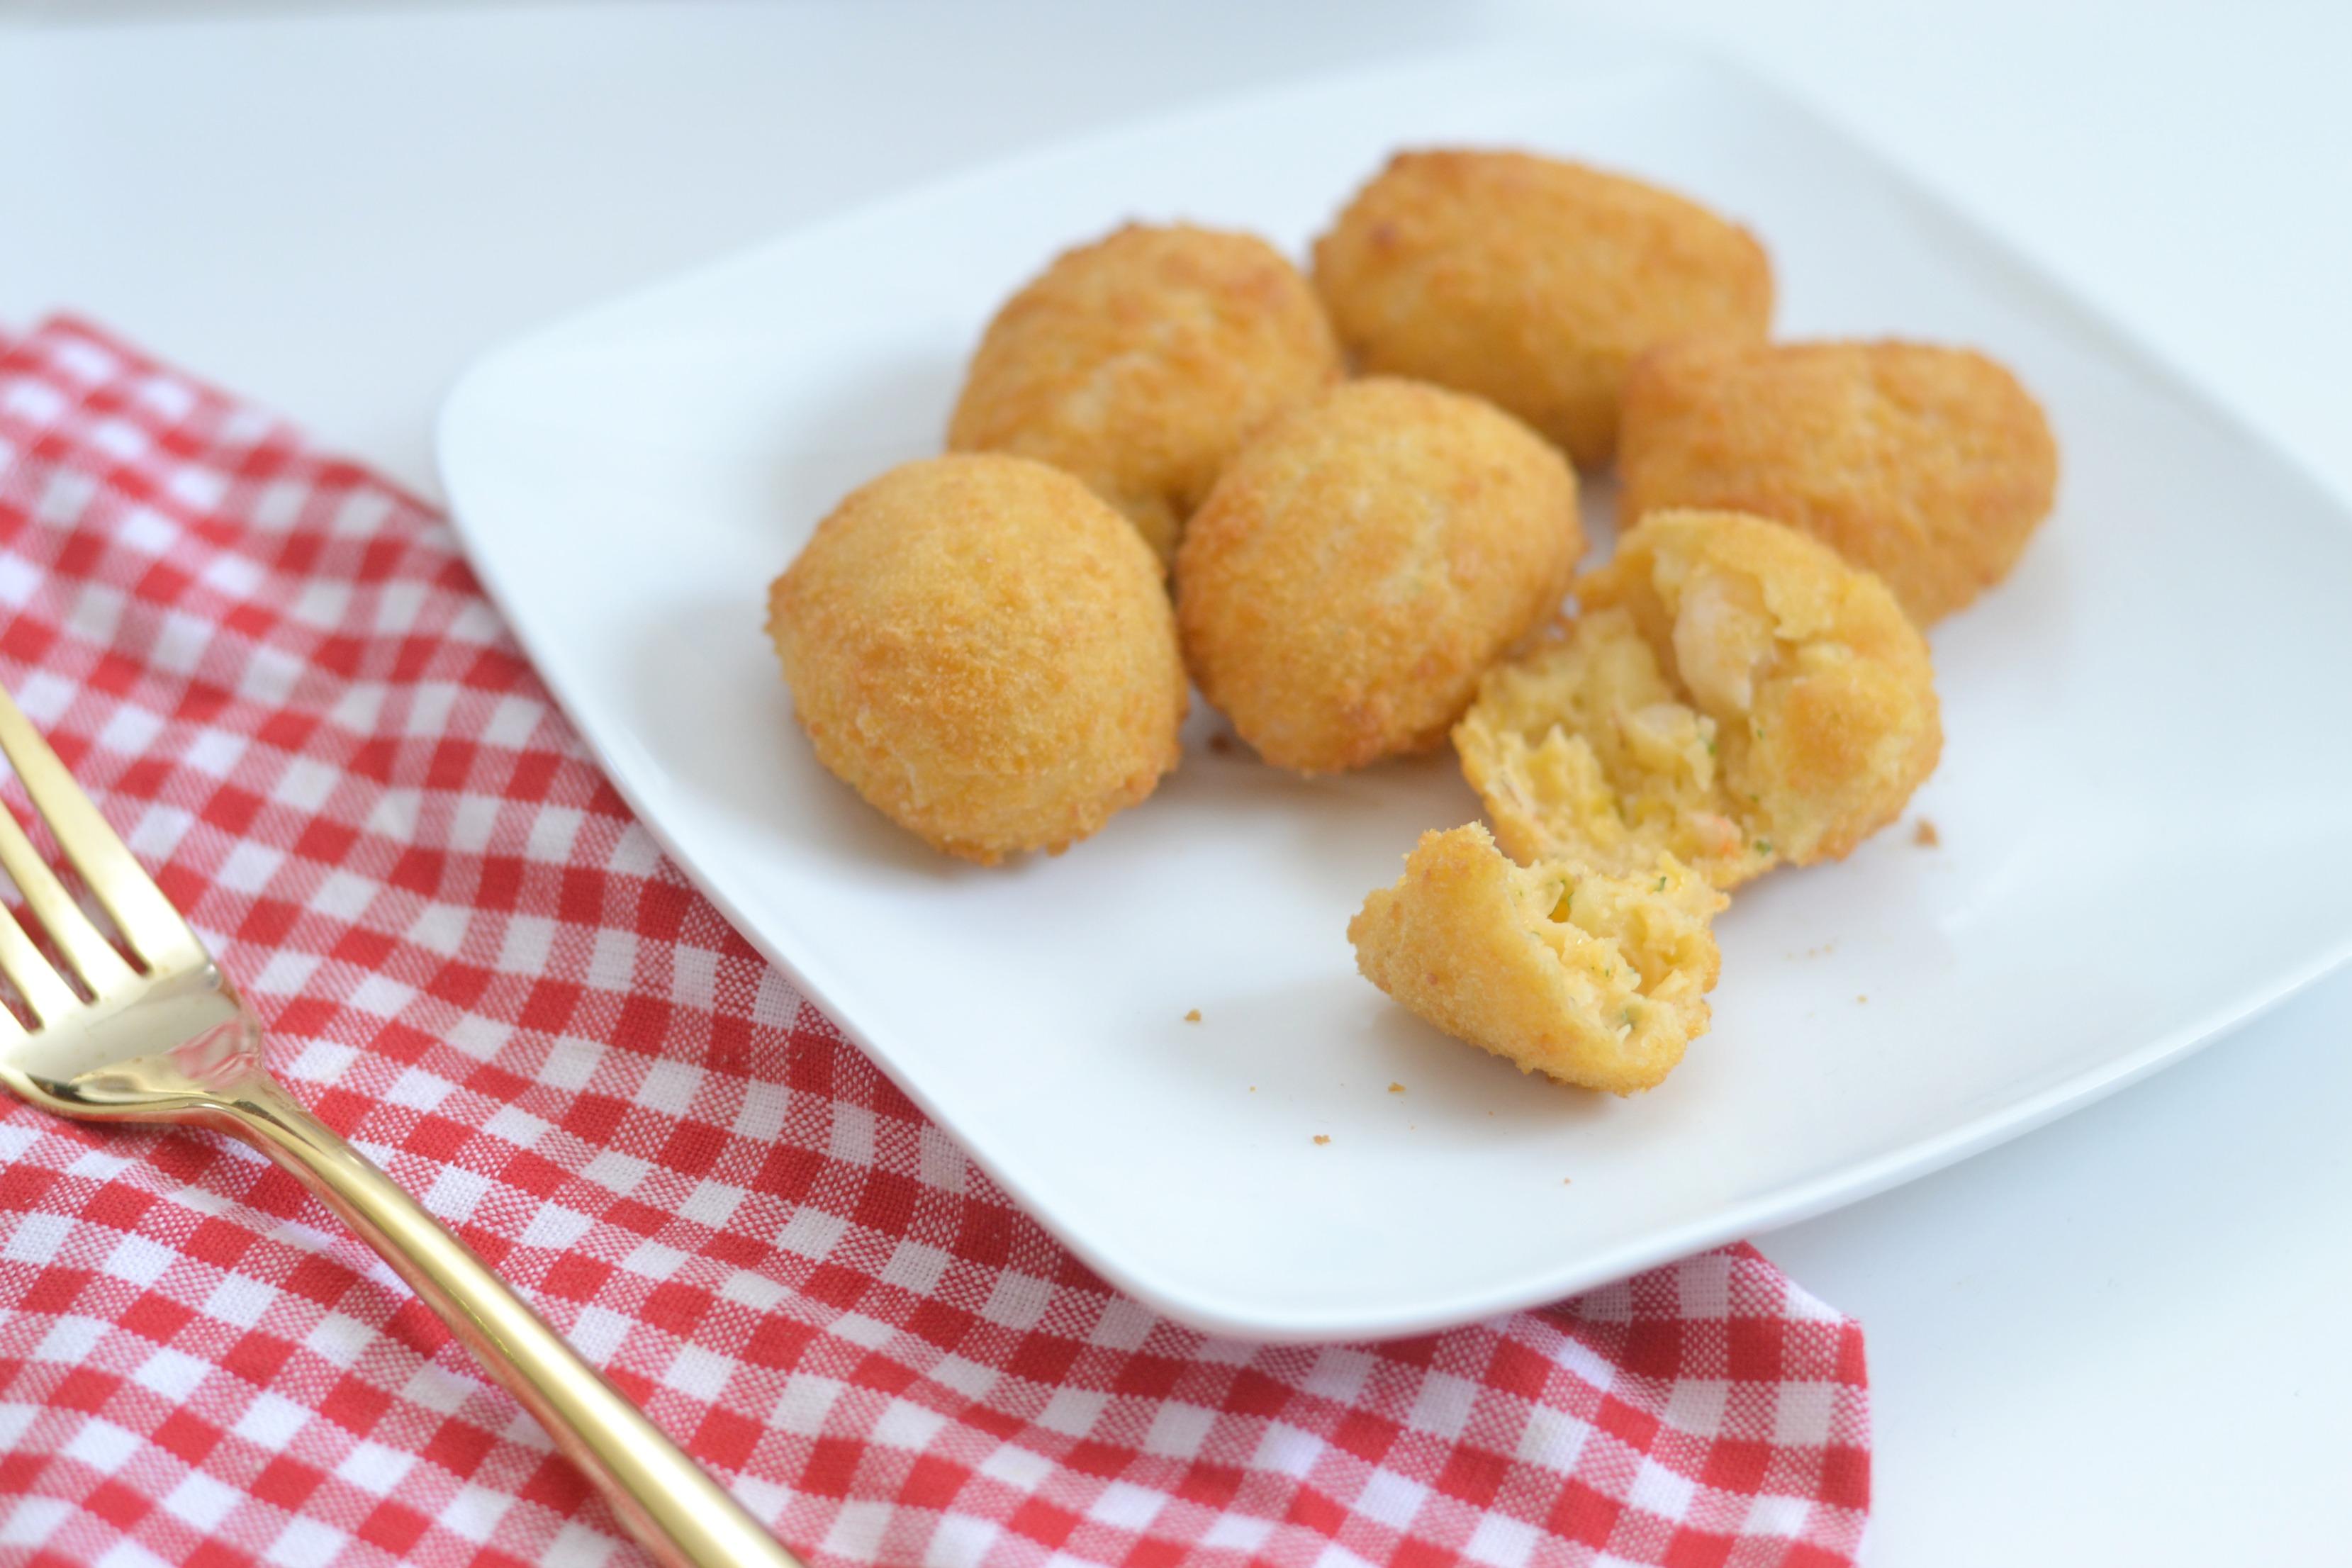 Shrimp Appetizer ideas, Gorton's Seafood Appetizers - Mac n Cheese Shrimp Bites,